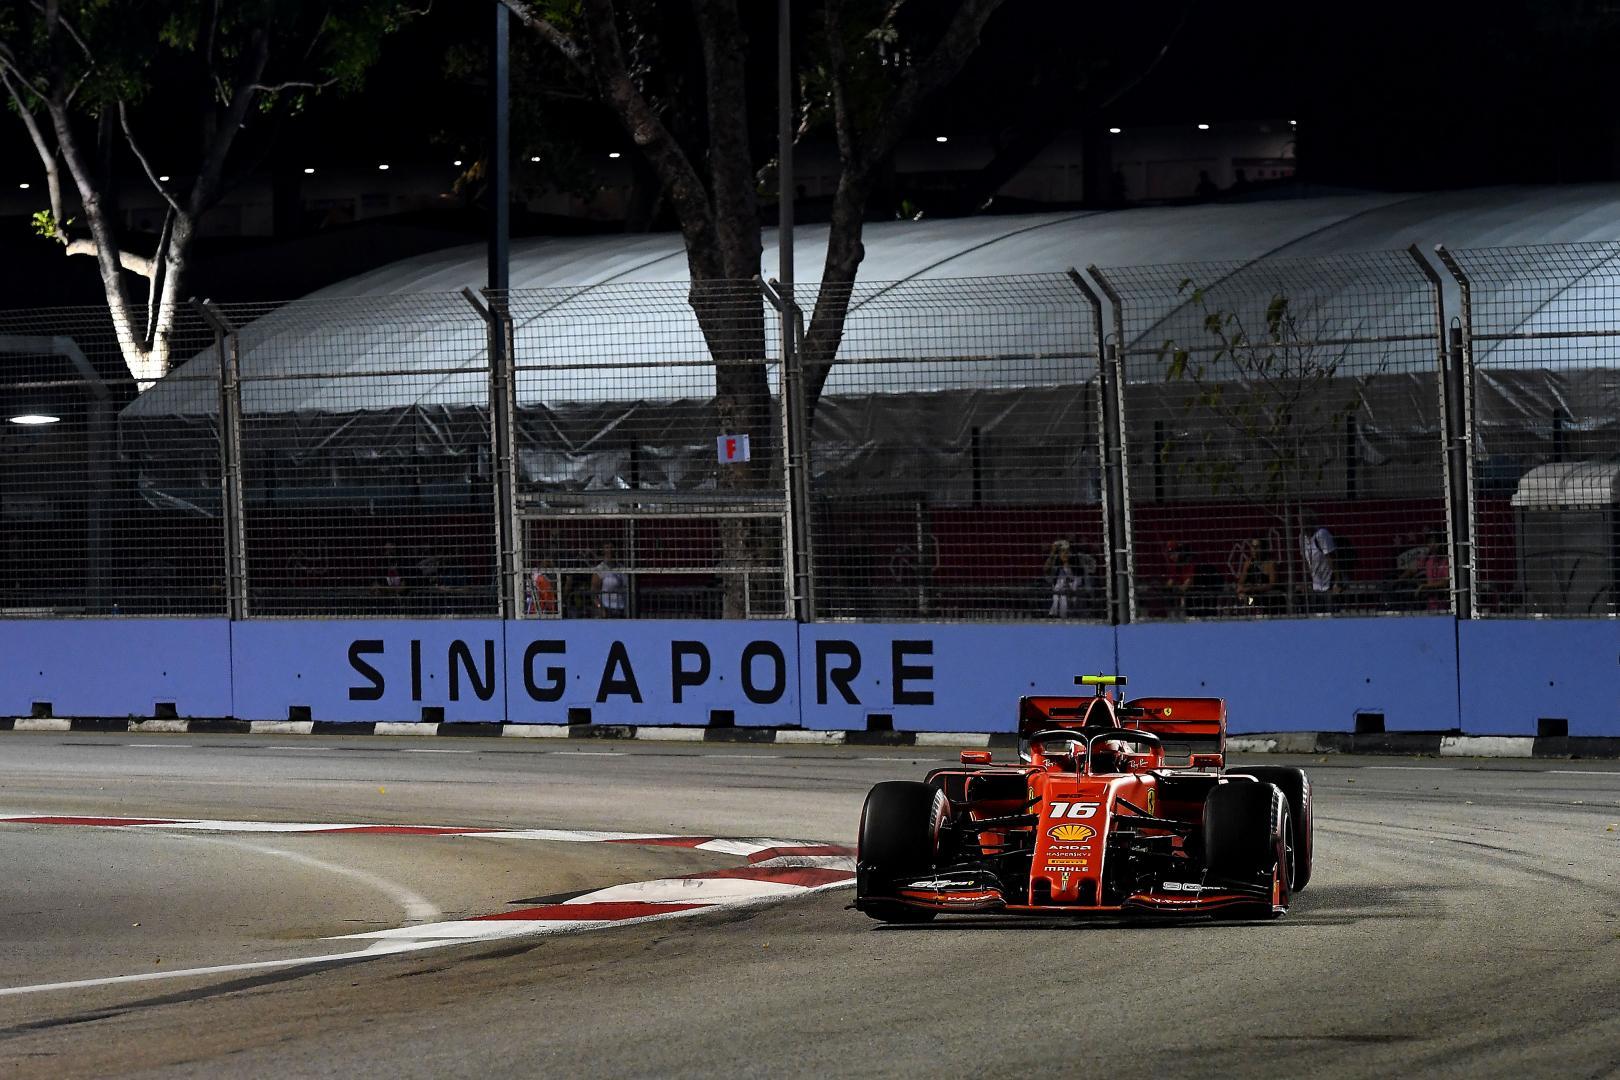 Kwalificatie van de GP van de Singapore 2019